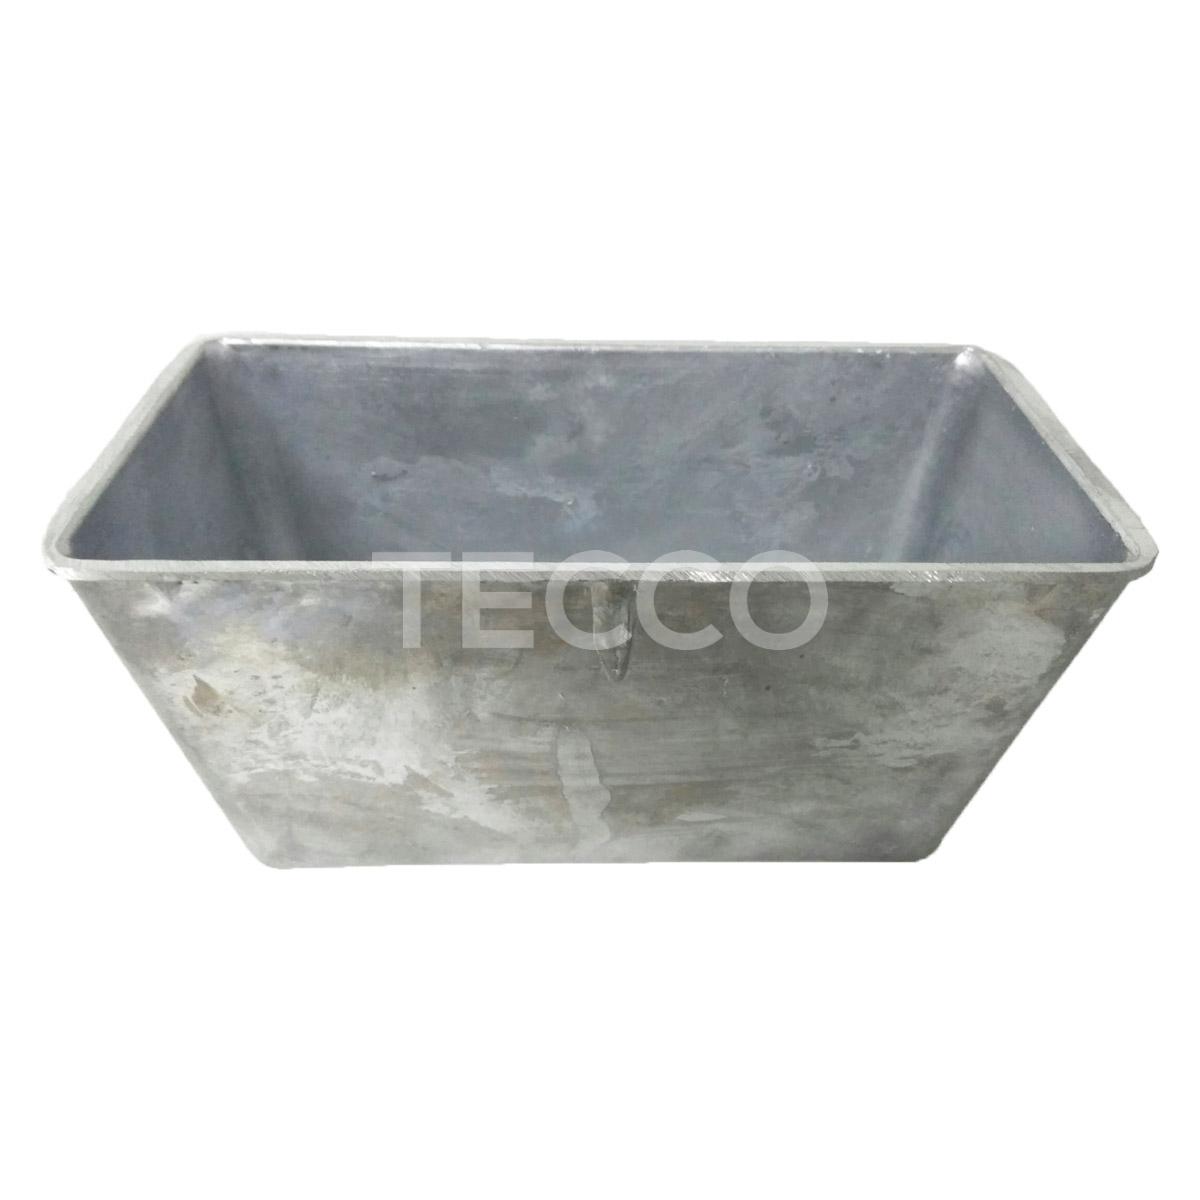 Форма хлебная Tecco №7 221x110x115 усиленная, 3-3.5 мм